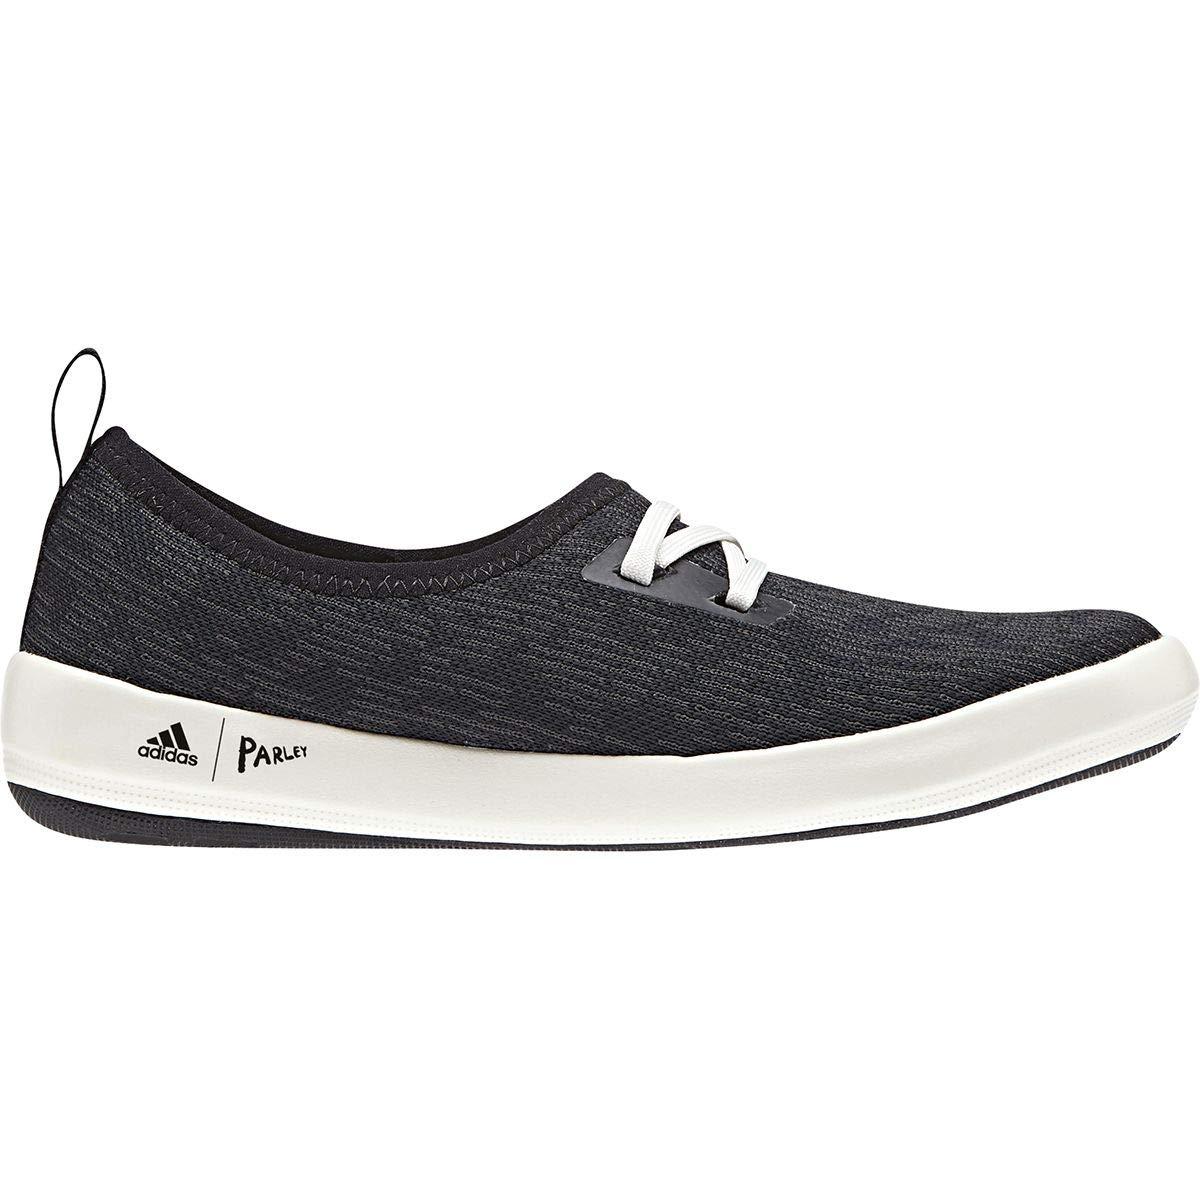 2019超人気 [アディダス アウトドア] Terrex レディース Shoe ランニング Terrex CC Boat B07P54YY3J Sleek Parley Water Shoe [並行輸入品] B07P54YY3J 6, 驚きの値段で:462d85b9 --- beautycity.in